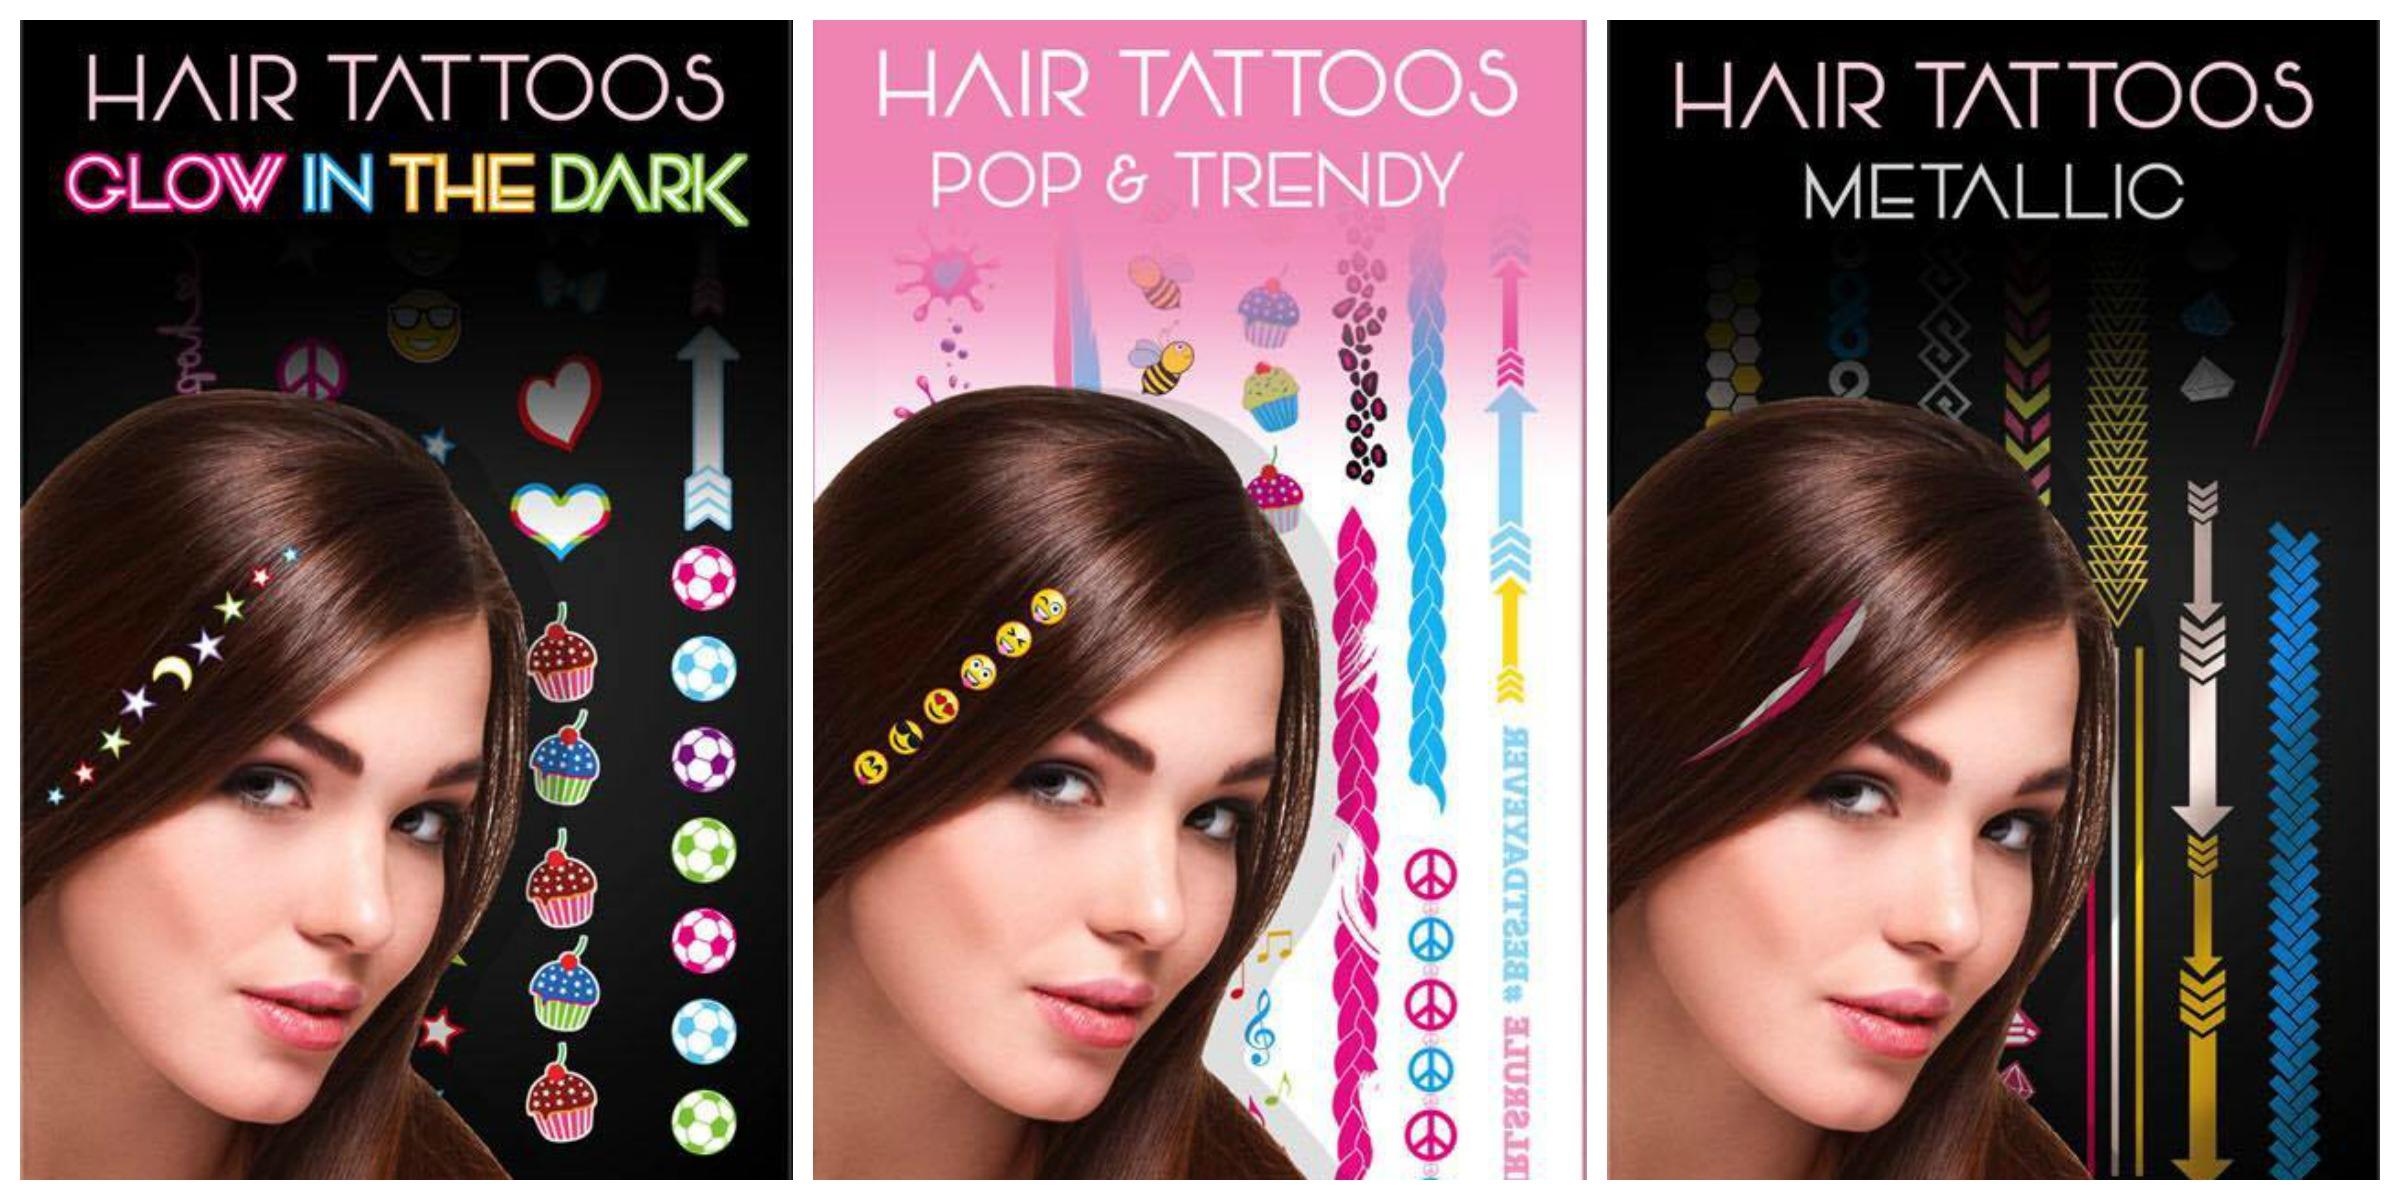 maddyloo line tatuaggi per capelli hair tattoos